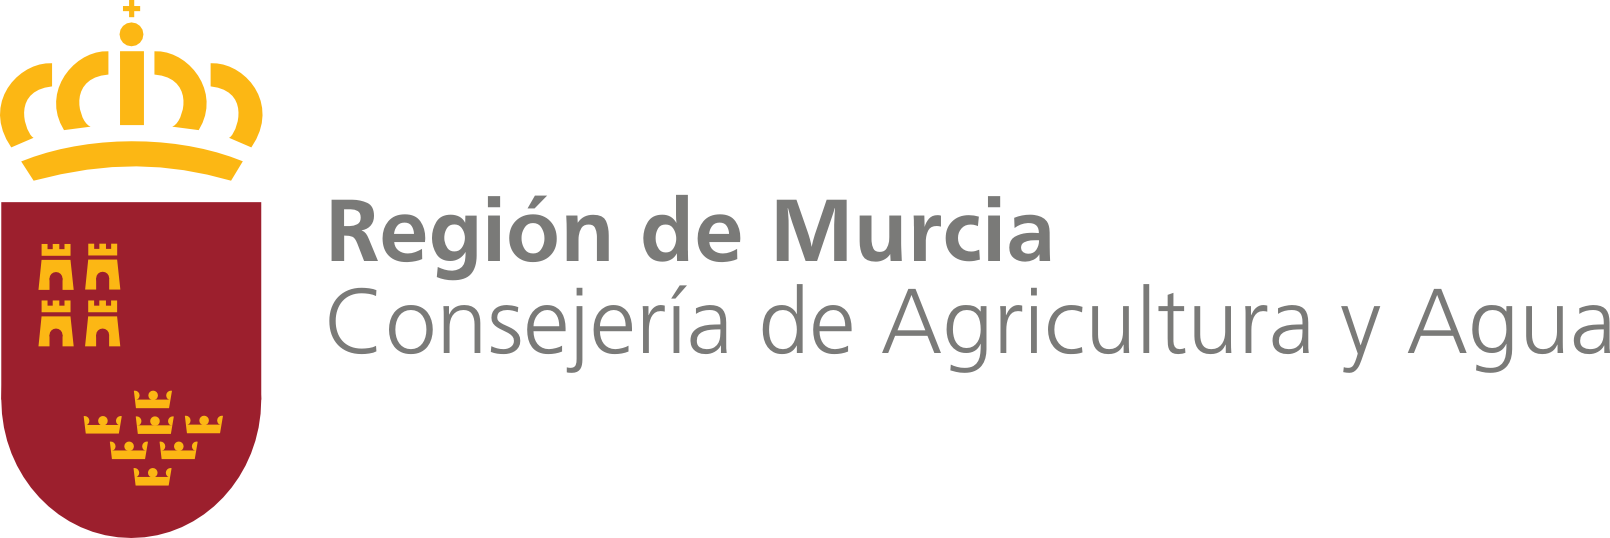 logo region de murcia consejeria de agricultura y agua